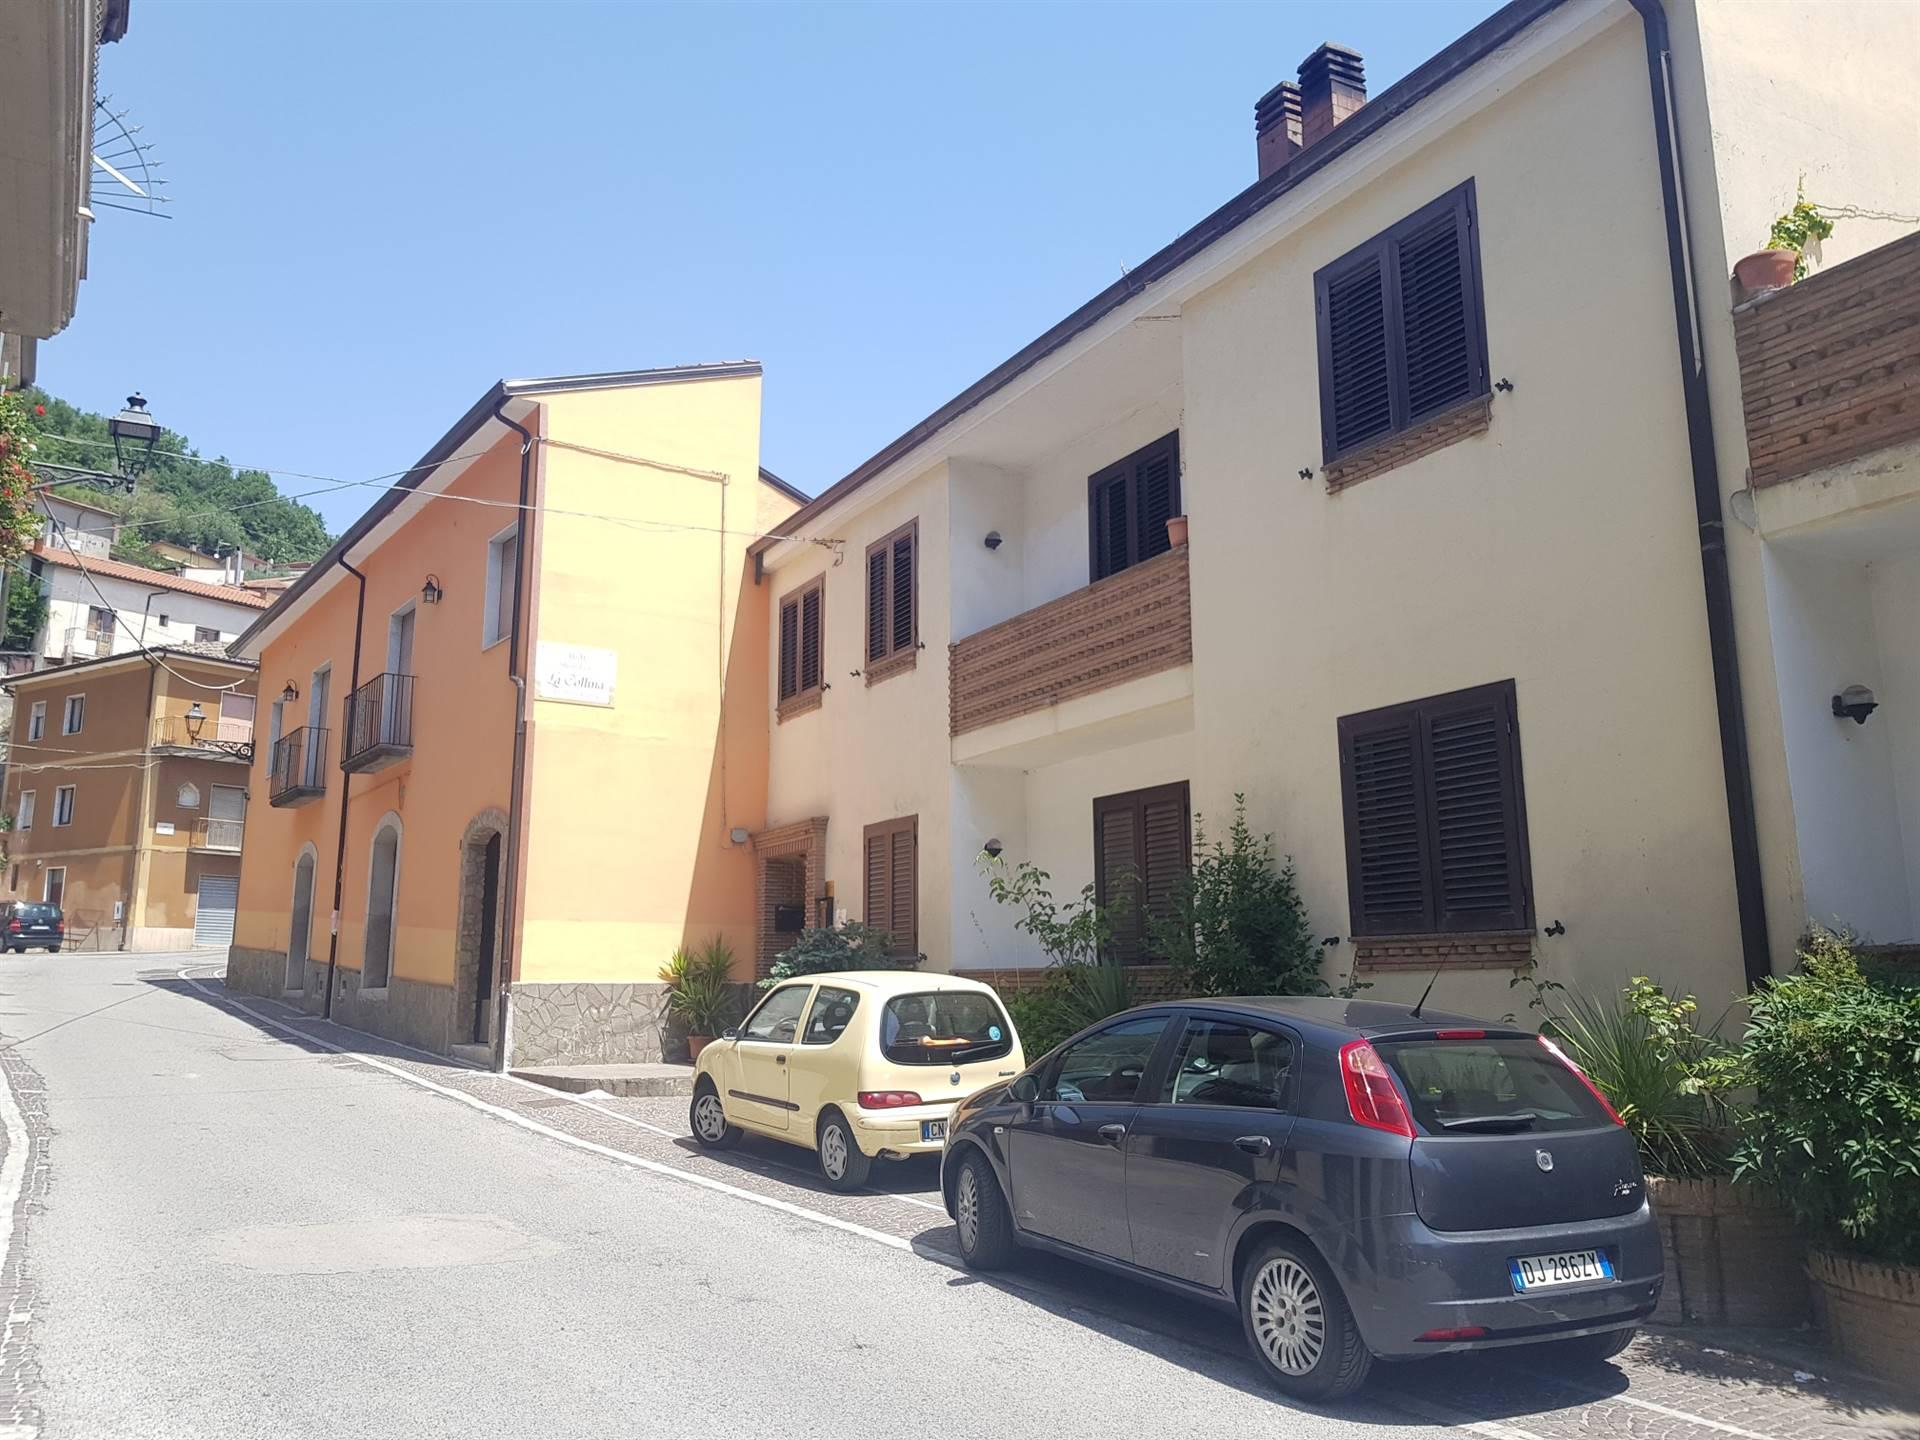 Appartamento in vendita a Santa Paolina, 2 locali, prezzo € 38.000   CambioCasa.it